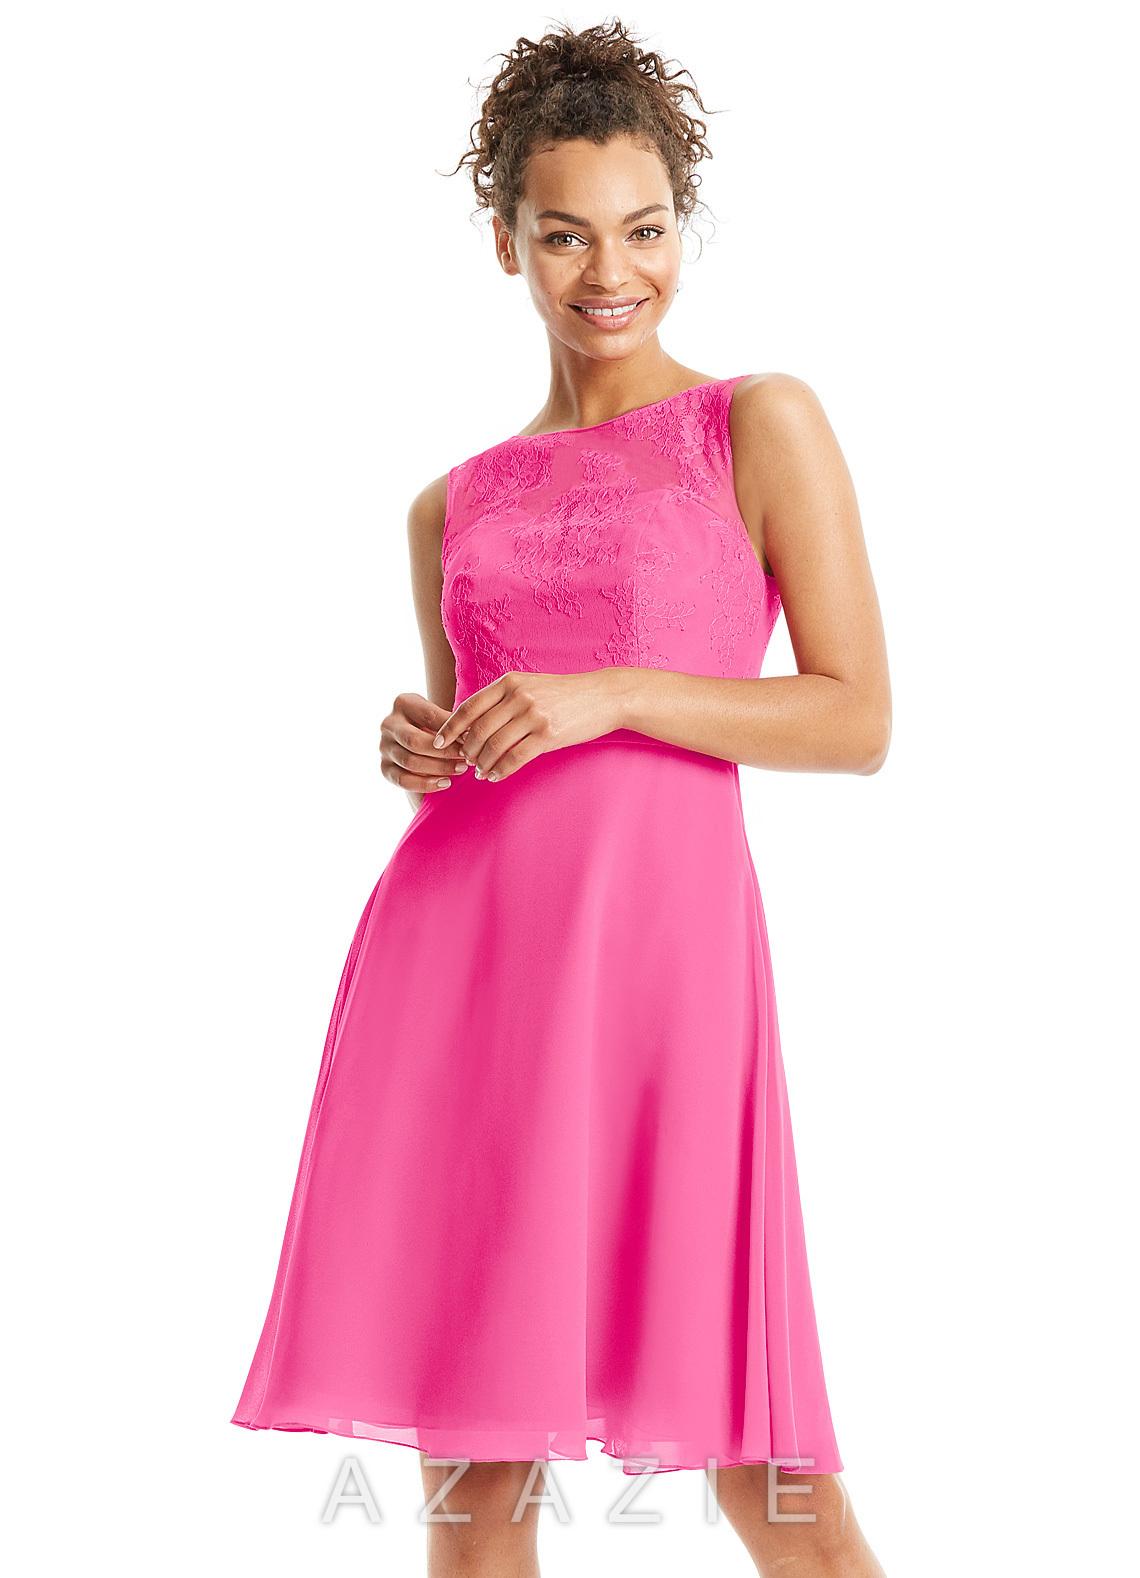 f7d0b7357fa Azazie Bridesmaid Dresses For Sale - Data Dynamic AG